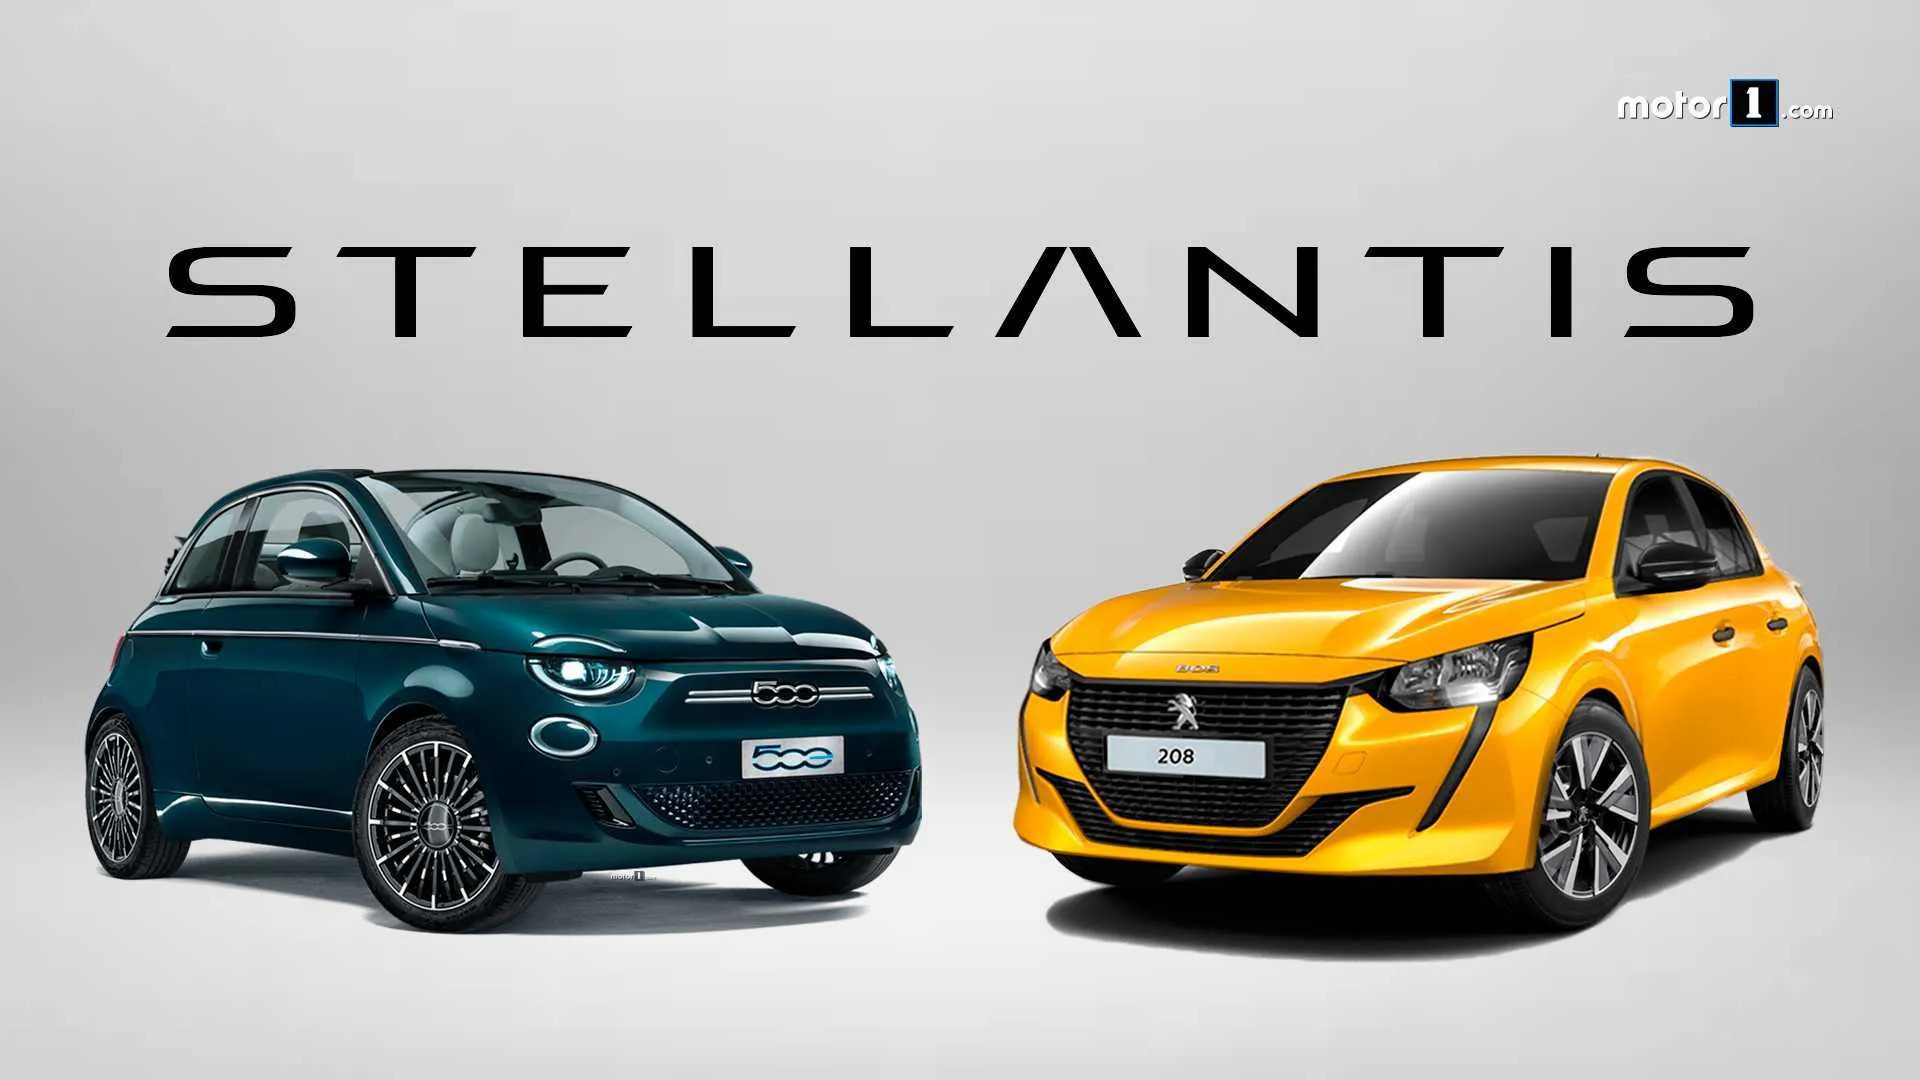 Stellantis ra mắt: Tập đoàn xe lớn thứ 4 thế giới với loạt tên tuổi đình đám, một trong số đó đang bán tại Việt Nam  - Ảnh 1.